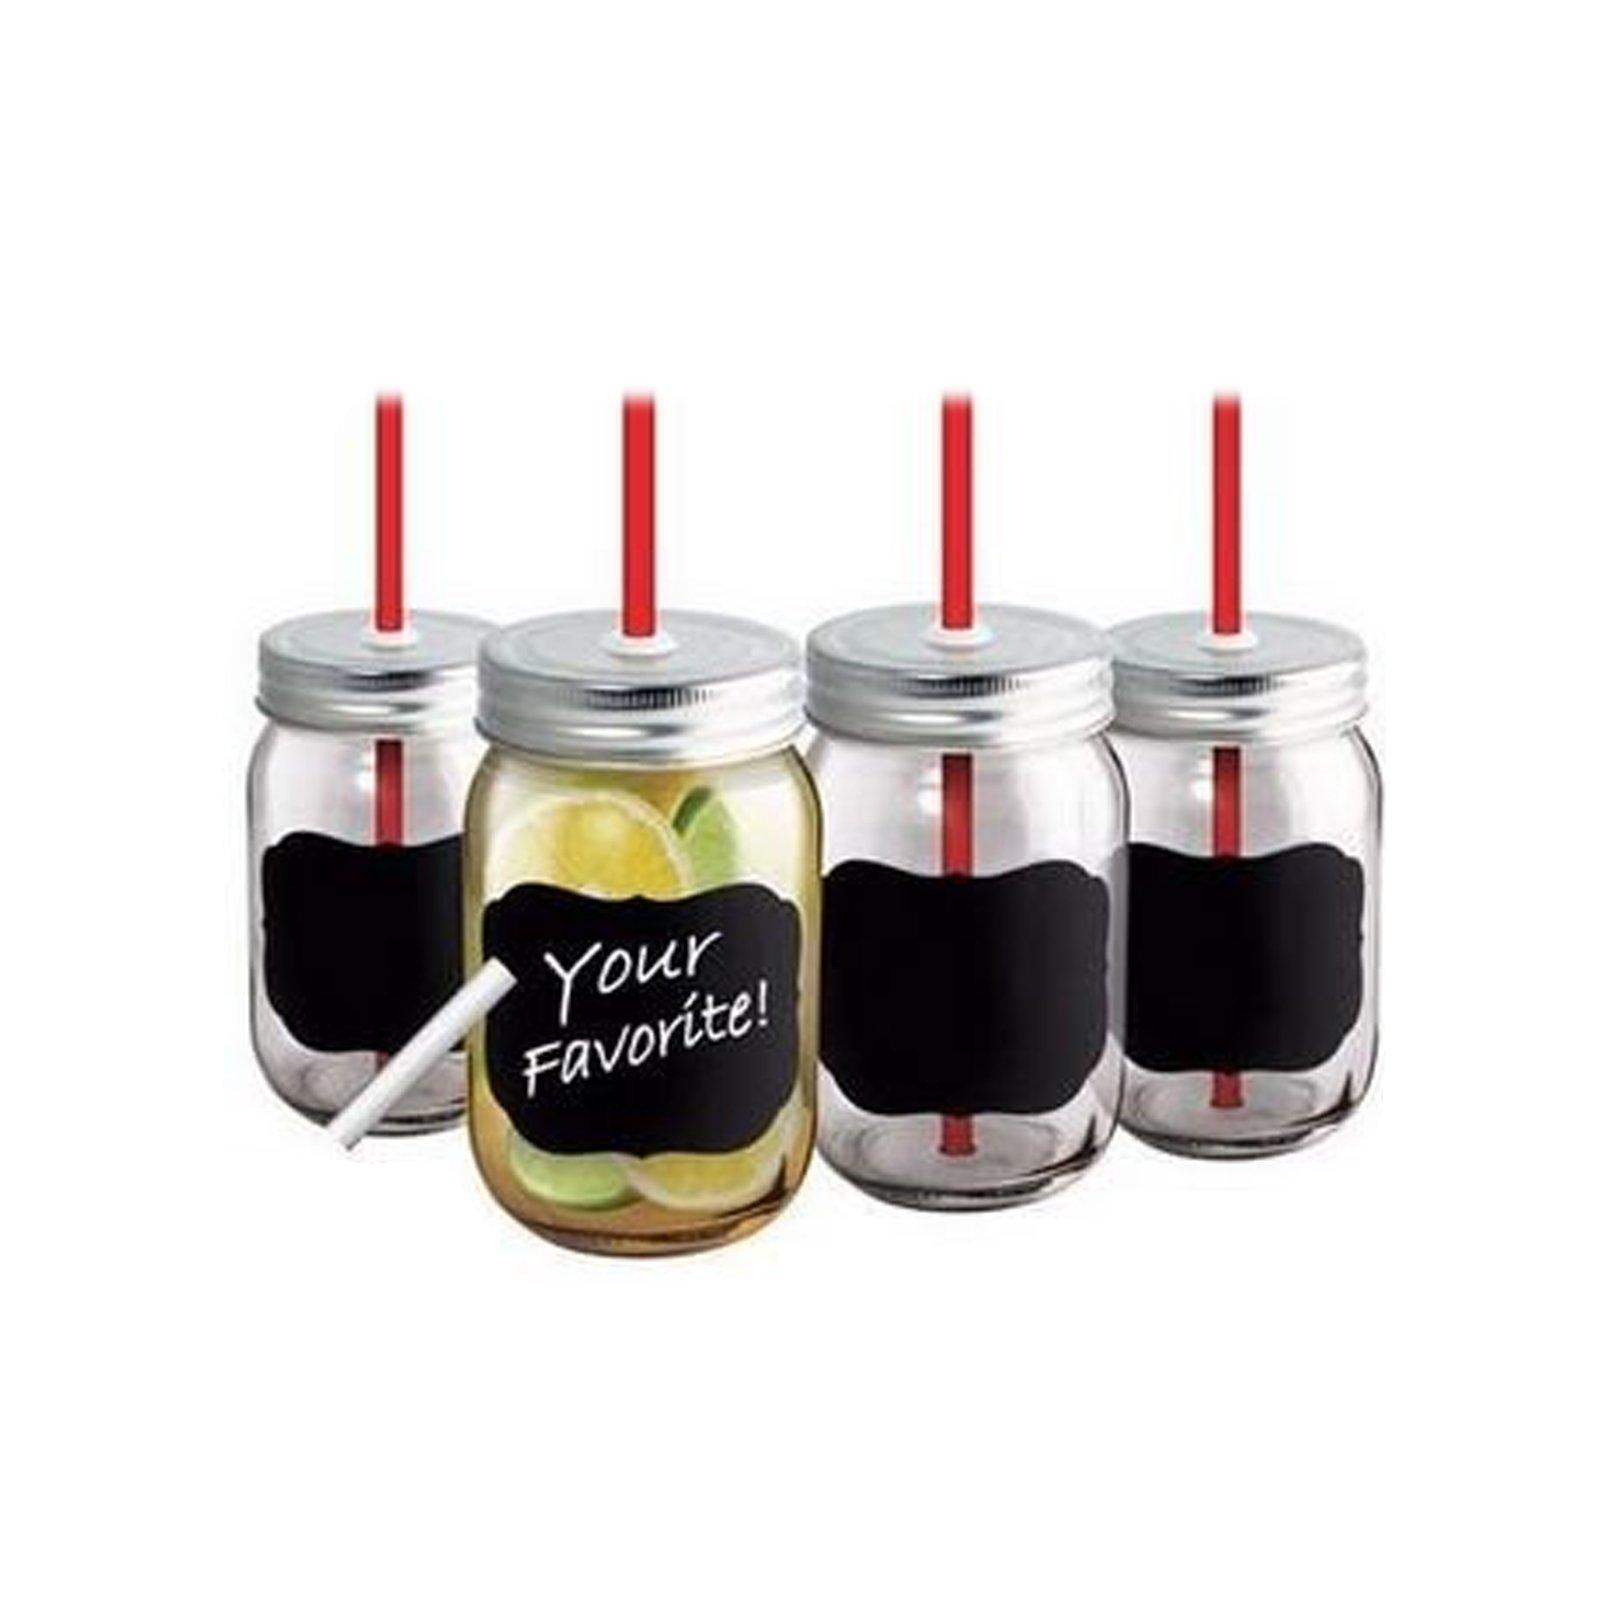 Chalkboard Jar Glasses 16 ounces Set of 4 Dishwasher Safe